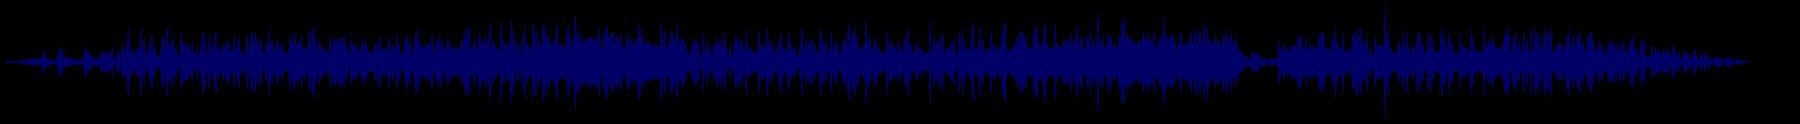 waveform of track #70303